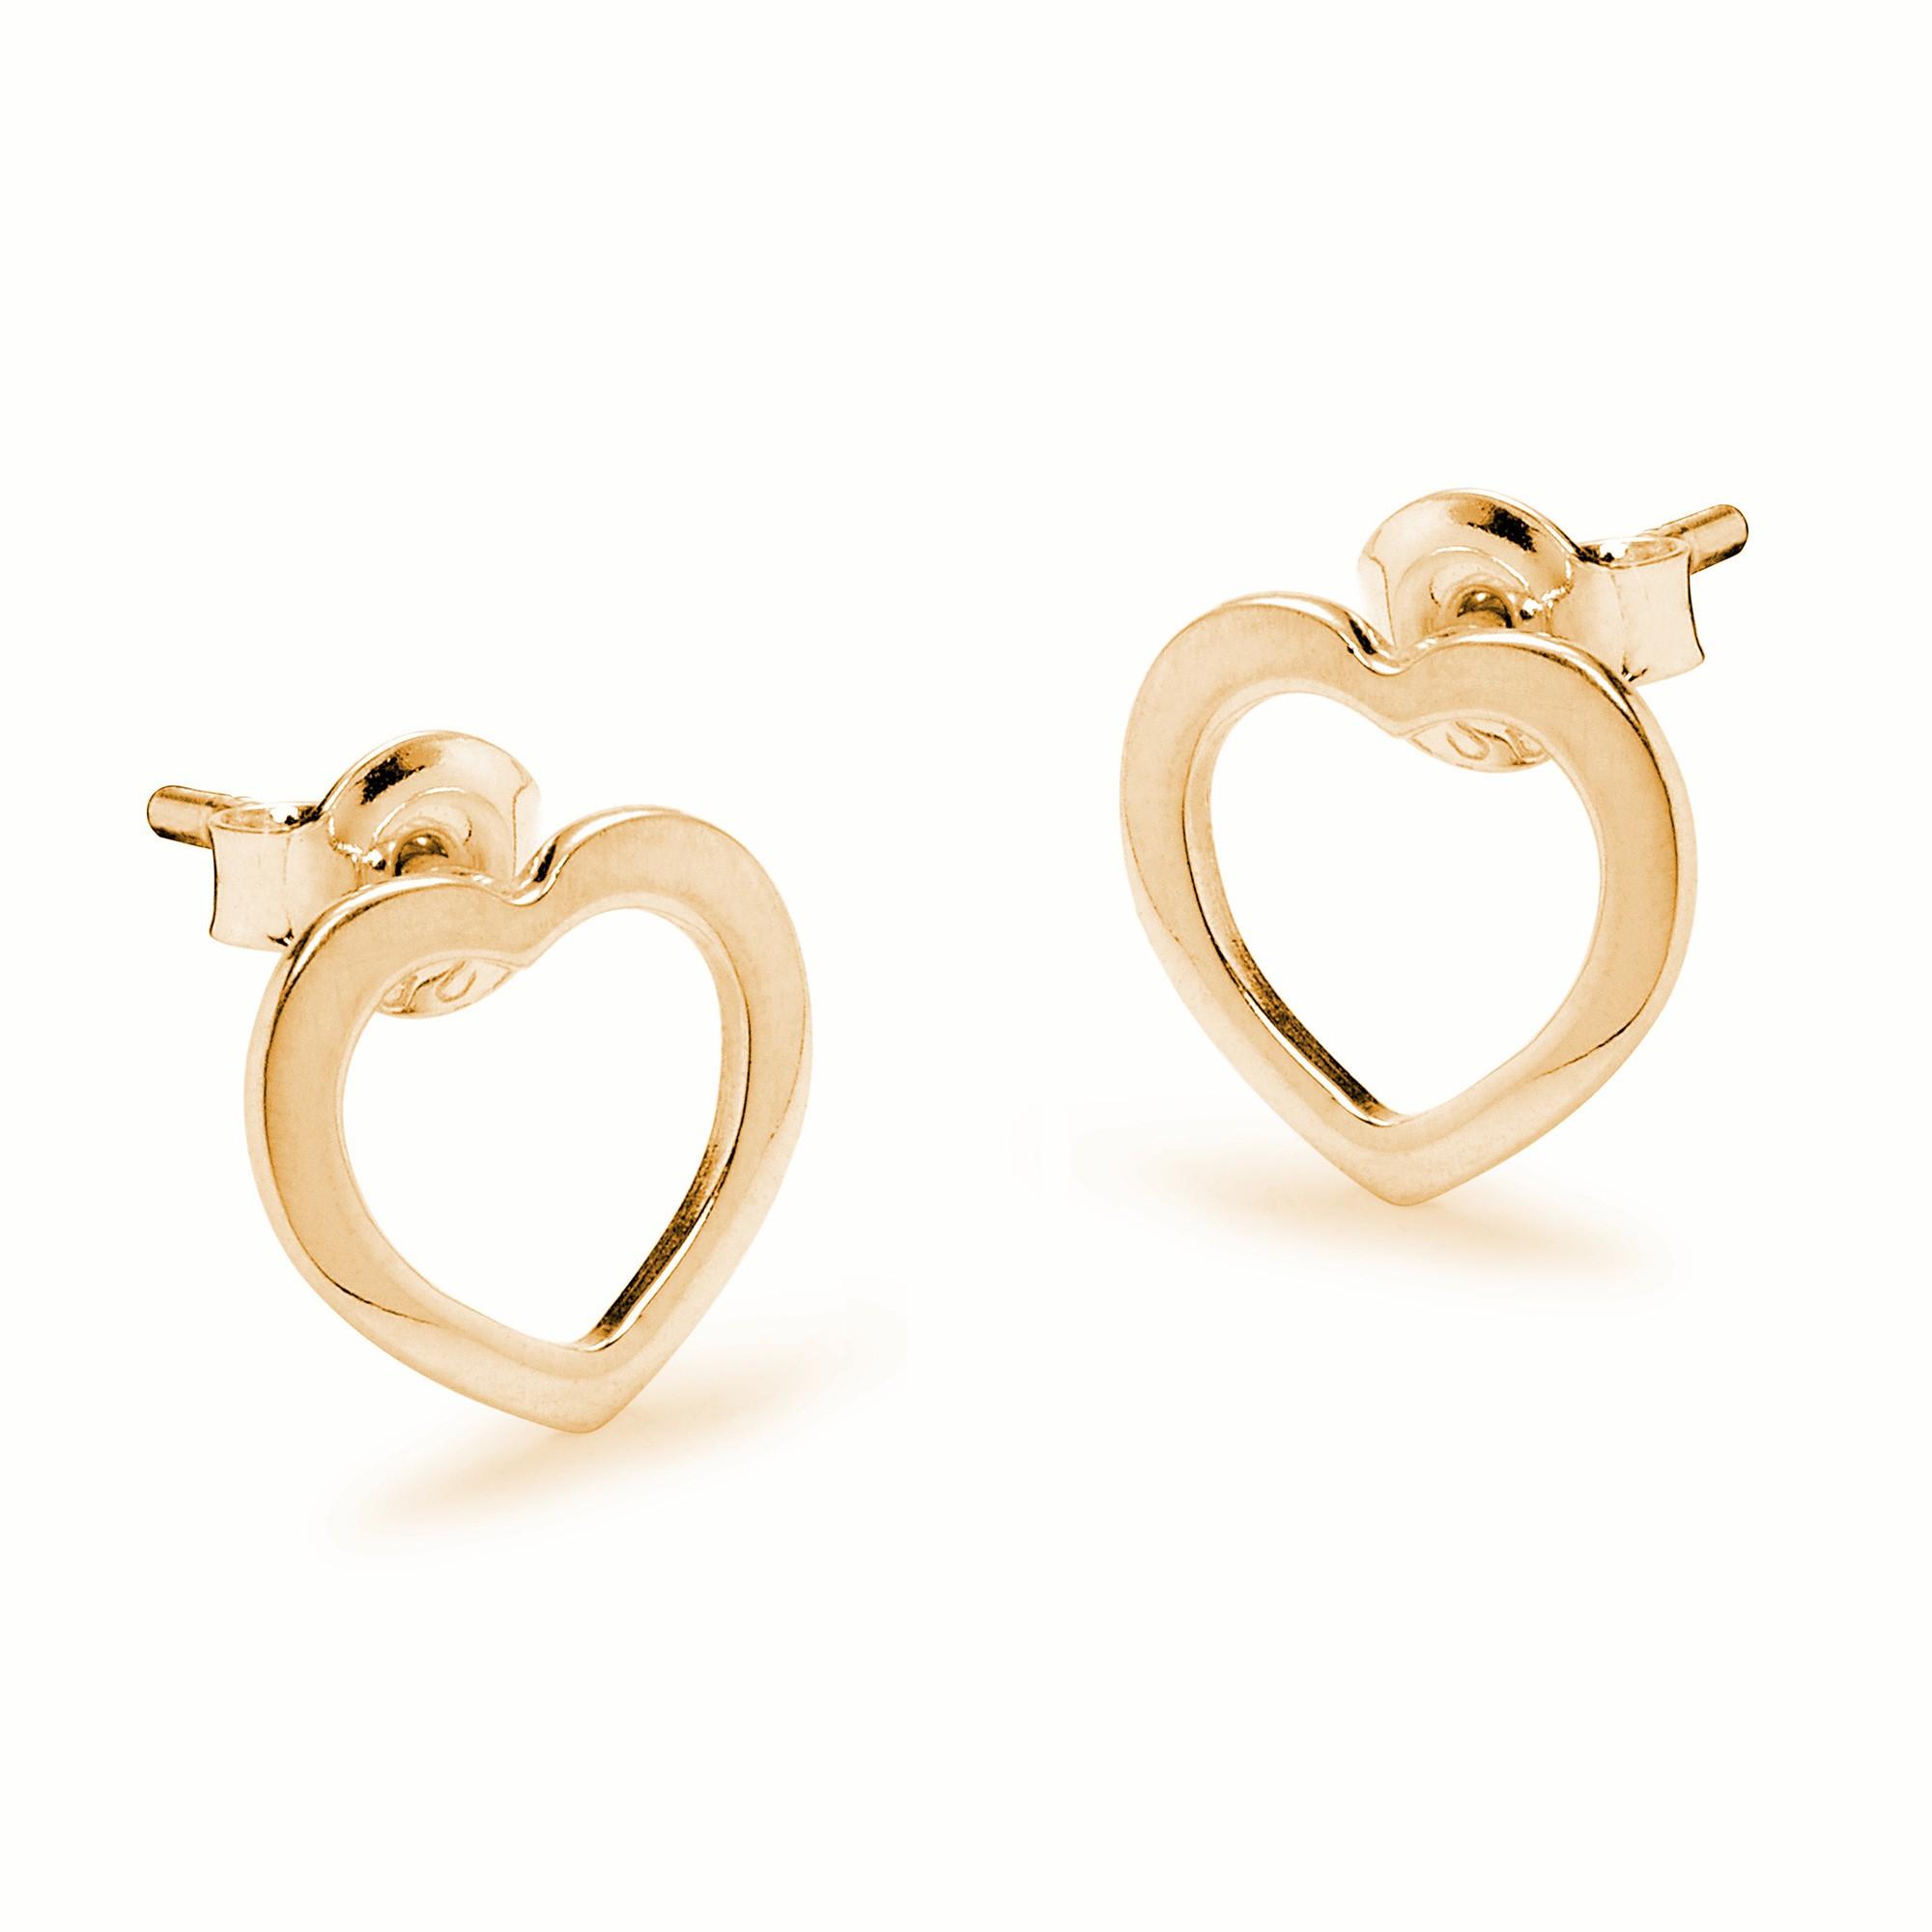 Boucles d'oreille cœurs ajourés en or 585